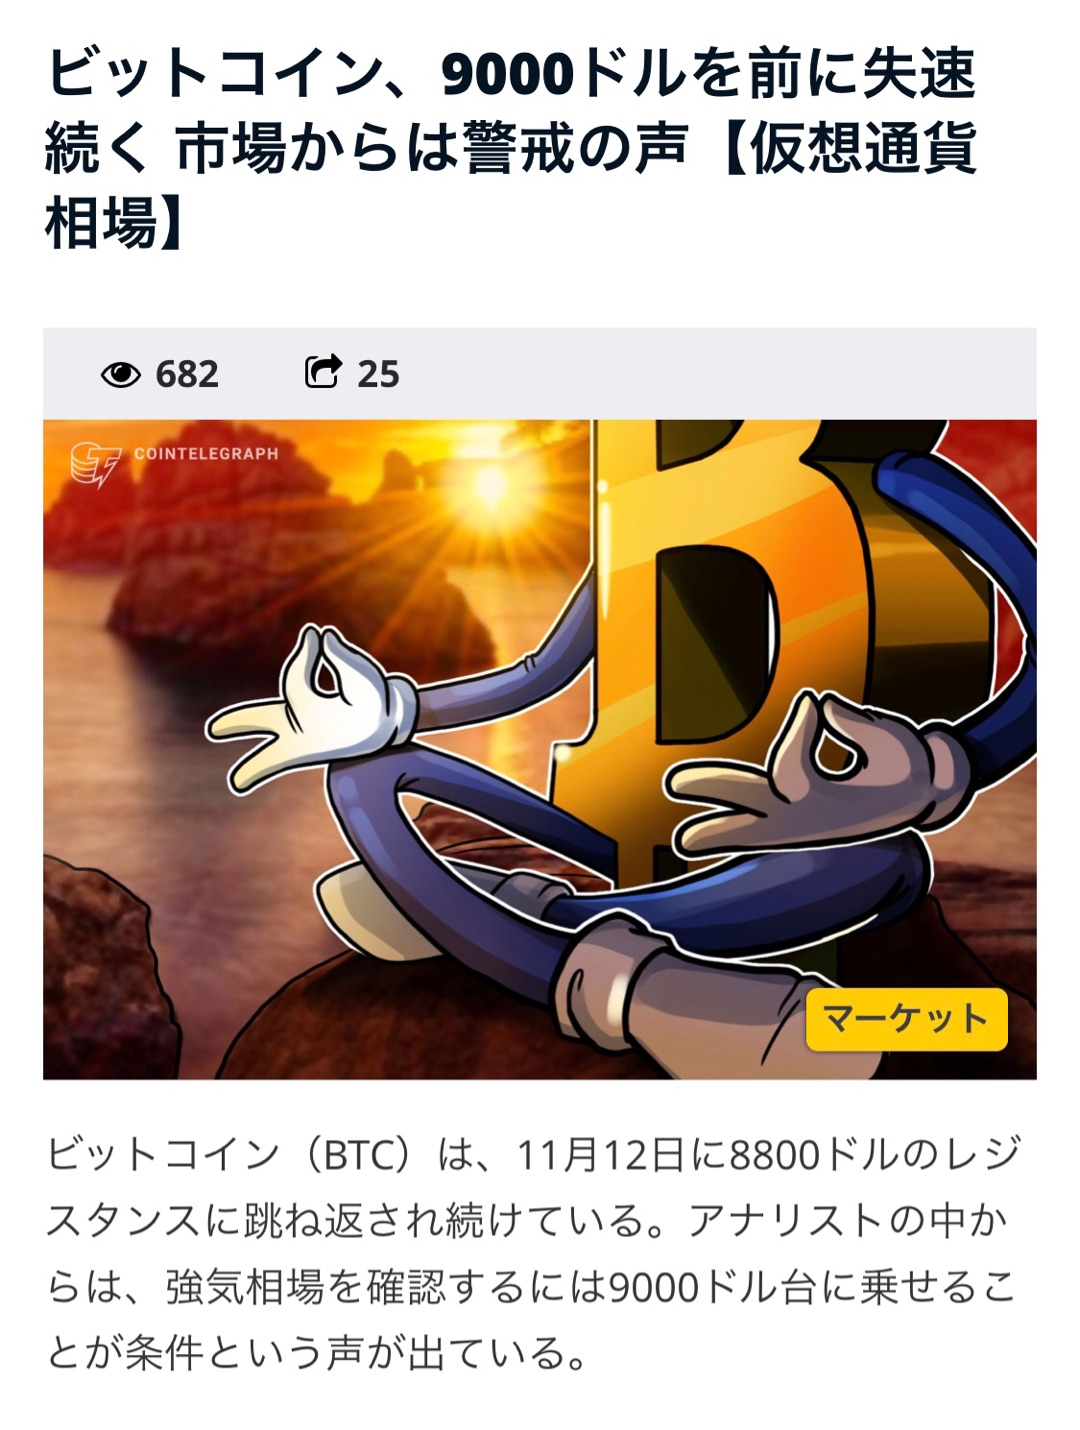 ビットコイン/円(BTC/JPY)リアルタイムレート・チャート みんなの仮想通貨